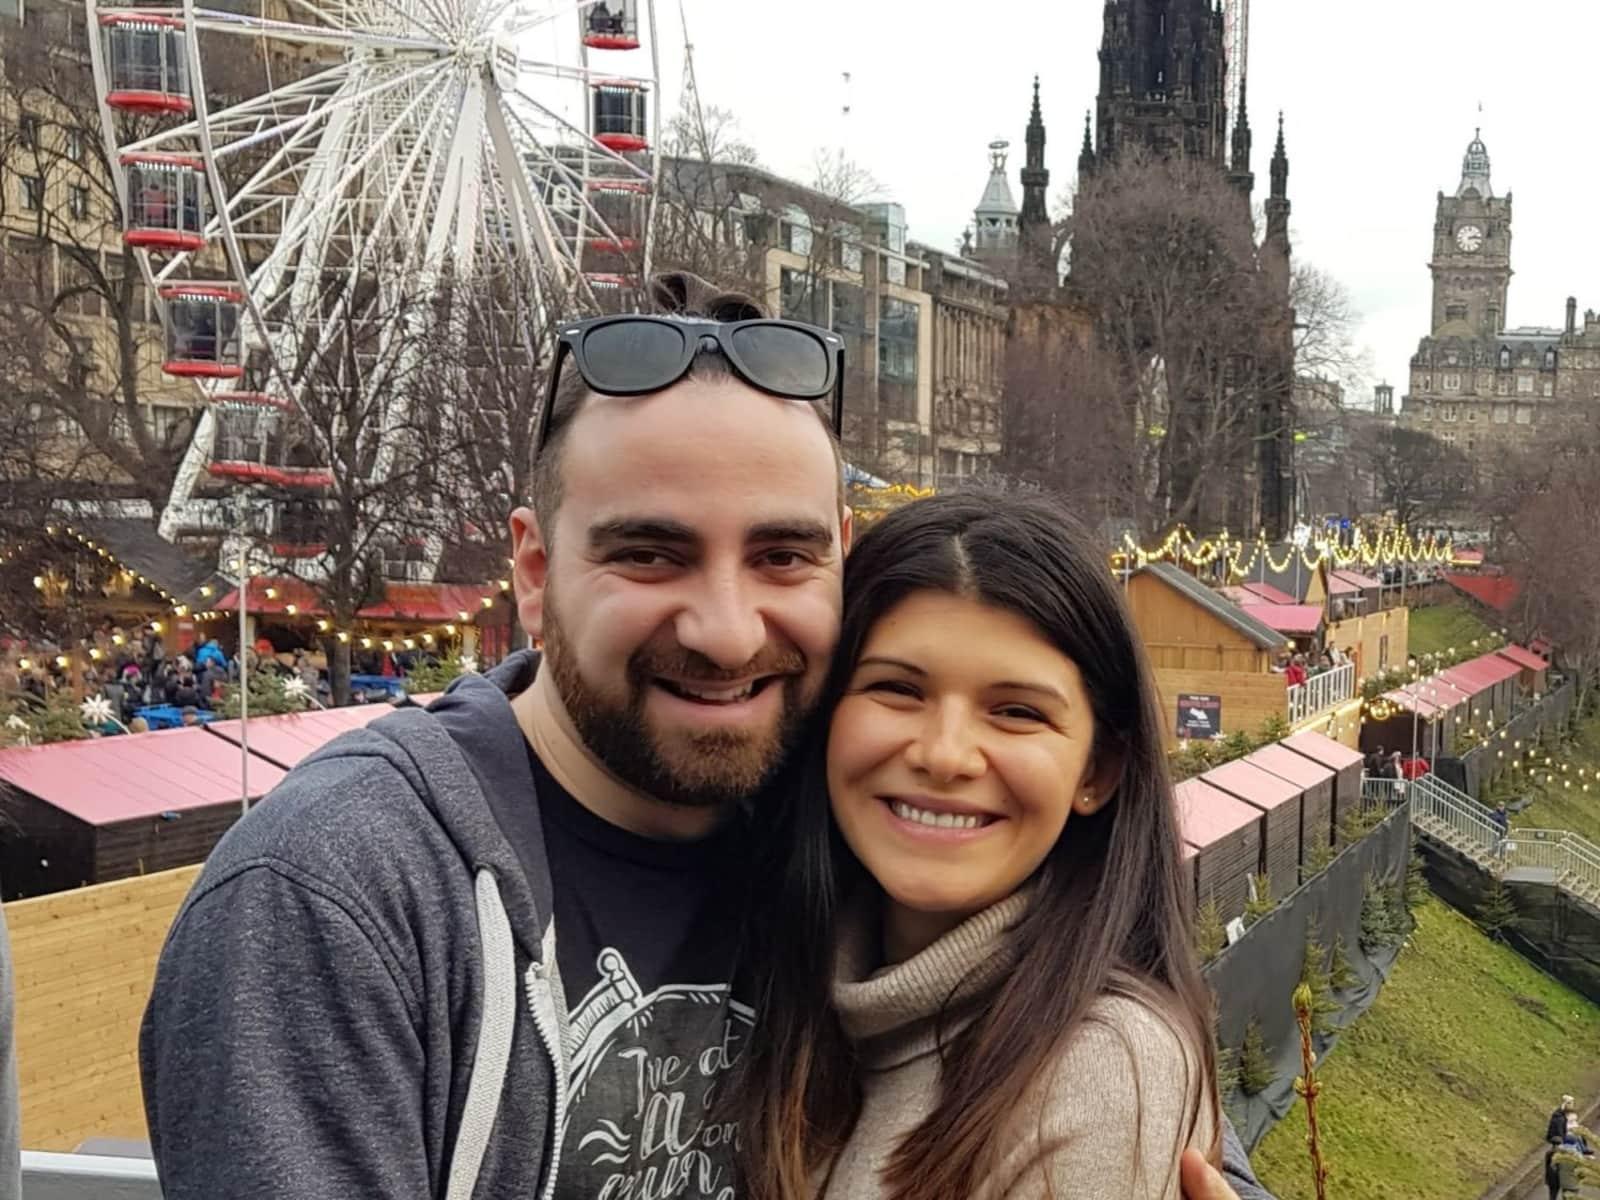 Slagjana & Petar from Sofia, Bulgaria